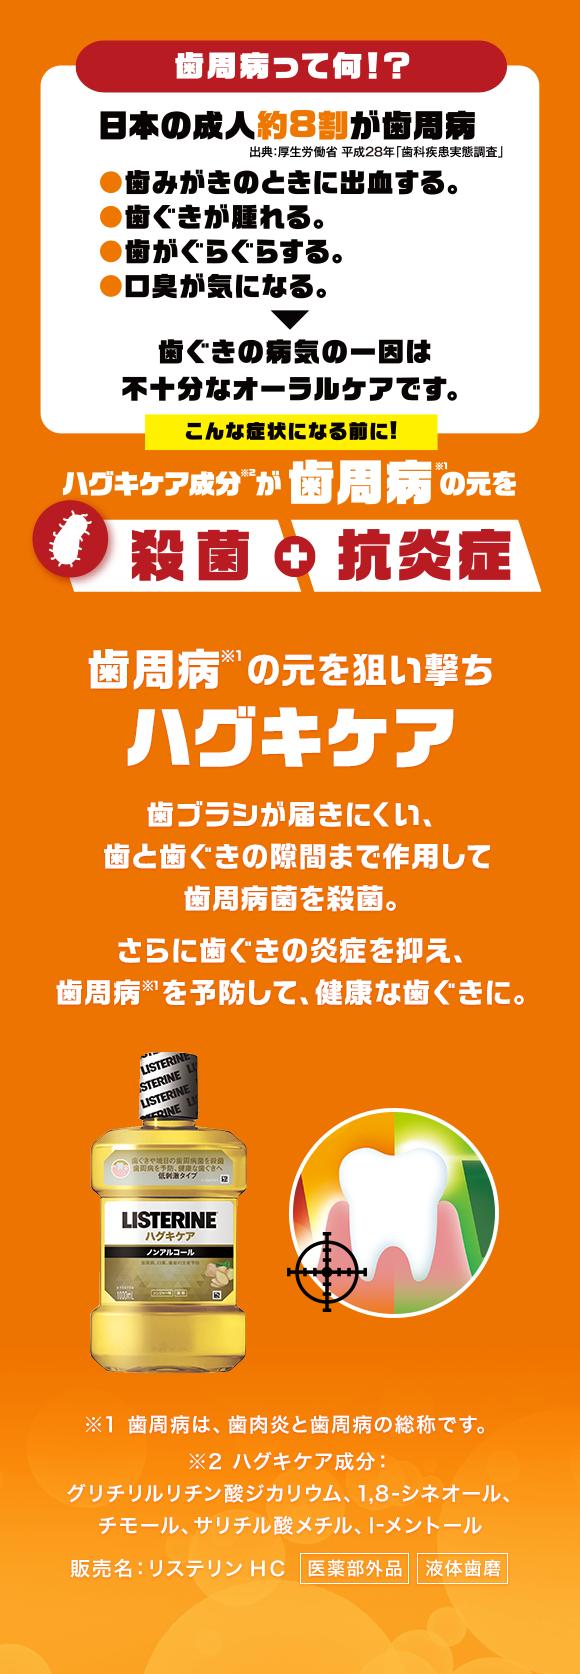 歯周病予防に - リステリン®︎ ハグキケア 歯周病って何!? 日本の成人約8割が歯周病 出典:厚生労働省 平成28年「歯科疾患実態調査」 ●歯みがきのときに出血する。 ●歯ぐきが腫れる。 ●歯がぐらぐらする。 ●口臭が気になる。 ▶︎ 歯ぐきの病気の一因は不十分なオーラルケアです。 こんな症状になる前に! ハグキケア成分※2が歯周病※1の元を殺菌+抗炎症 歯周病※1の元を狙い撃ち ハグキケア 歯ブラシが届きにくい、歯と歯ぐきの隙間まで作用して歯周病菌を殺菌。 さらに歯ぐきの炎症を抑え、歯周病※1を予防して、健康な歯ぐきに。 ※1 歯周病は、歯肉炎と歯周病の総称です。 ※2 ハグキケア成分:グリチリルリチン酸ジカリウム、1,8-シネオール、チモール、サリチル酸メチル、l-メントール 販売名:リステリン HC 医薬部外品 液体歯磨